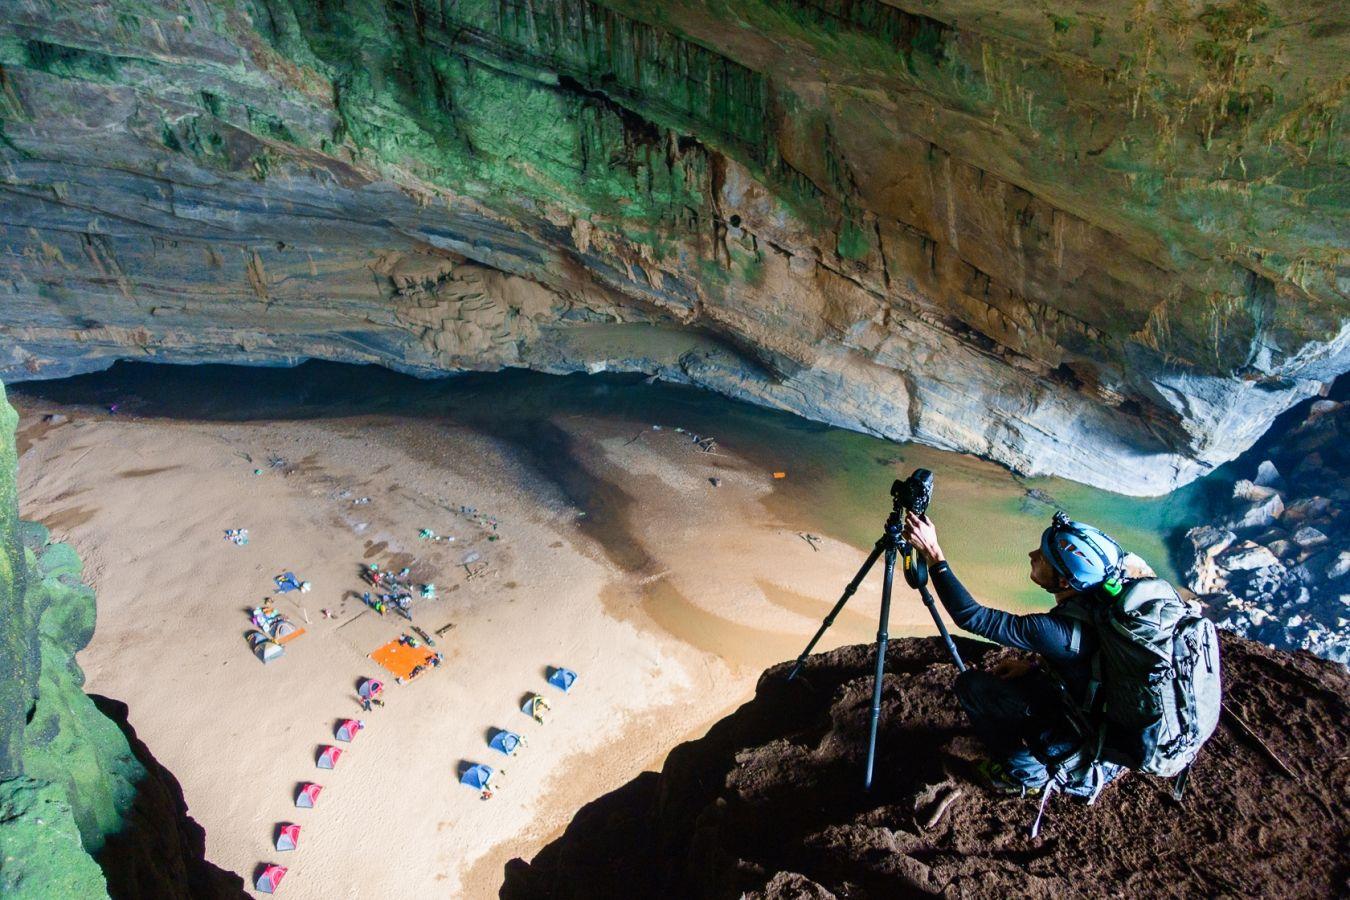 Martin Edström capturing a 360-image from above Hang En